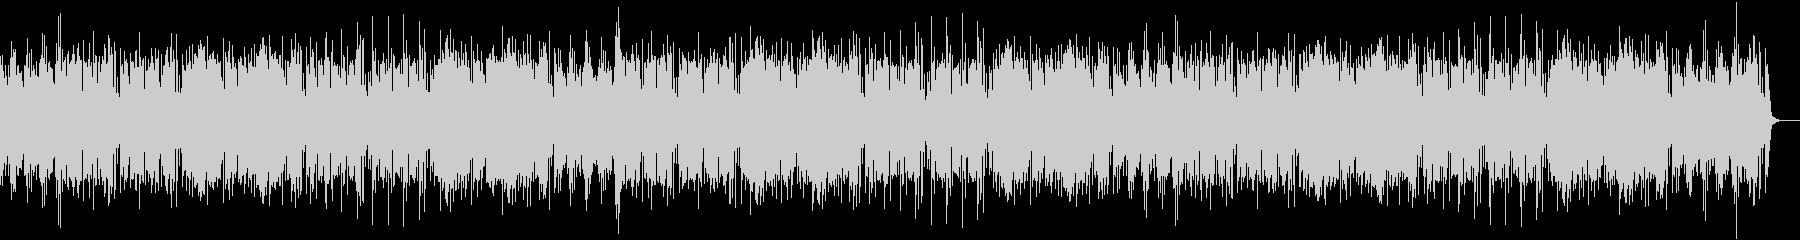 Refreshing violin / quiet karaoke's unreproduced waveform